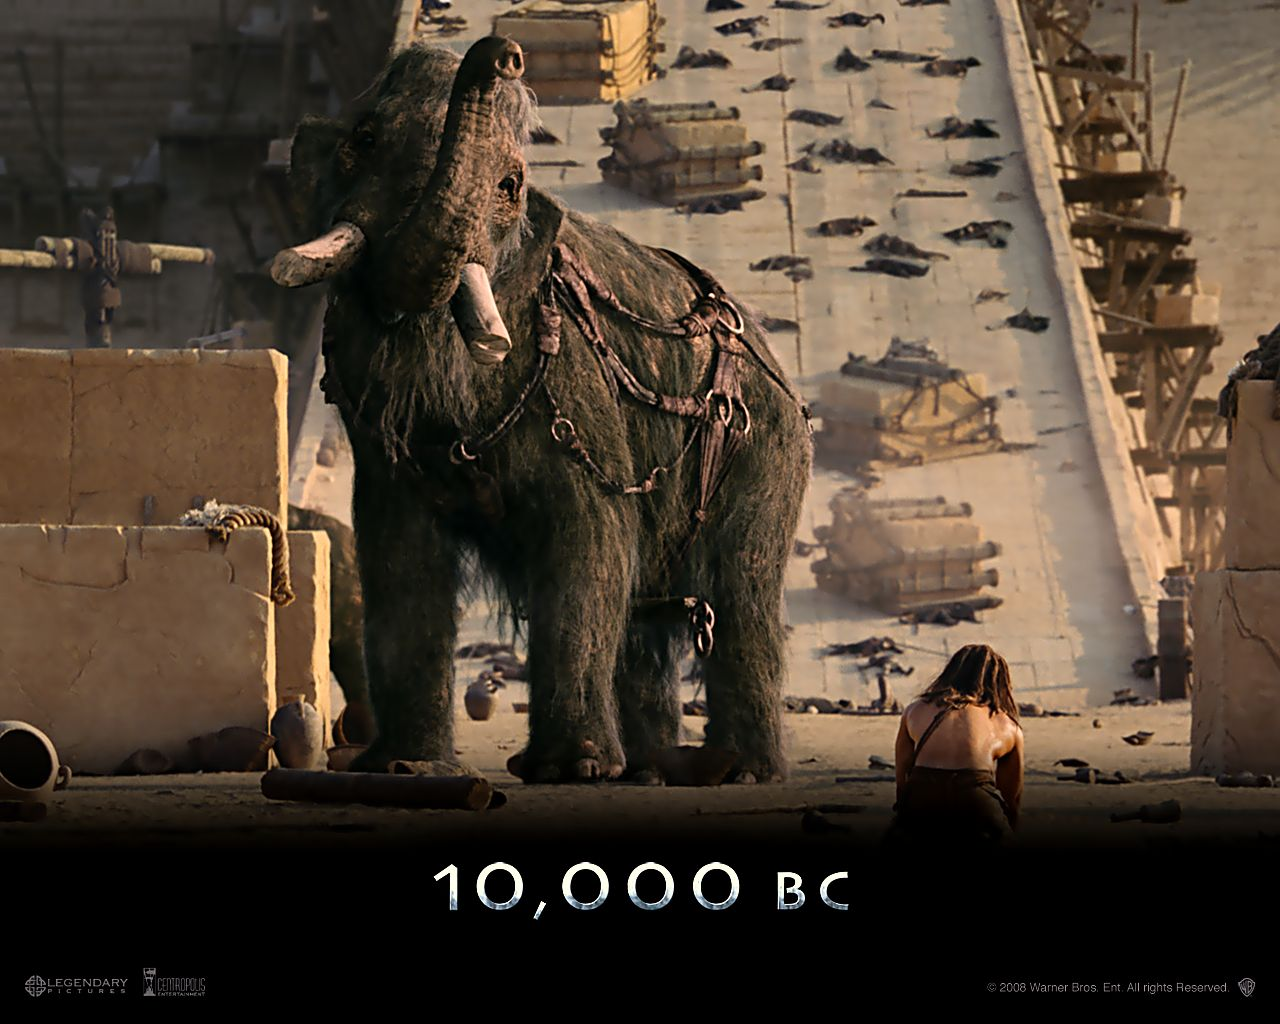 壁紙、紀元前1万年、映画、ダウ...